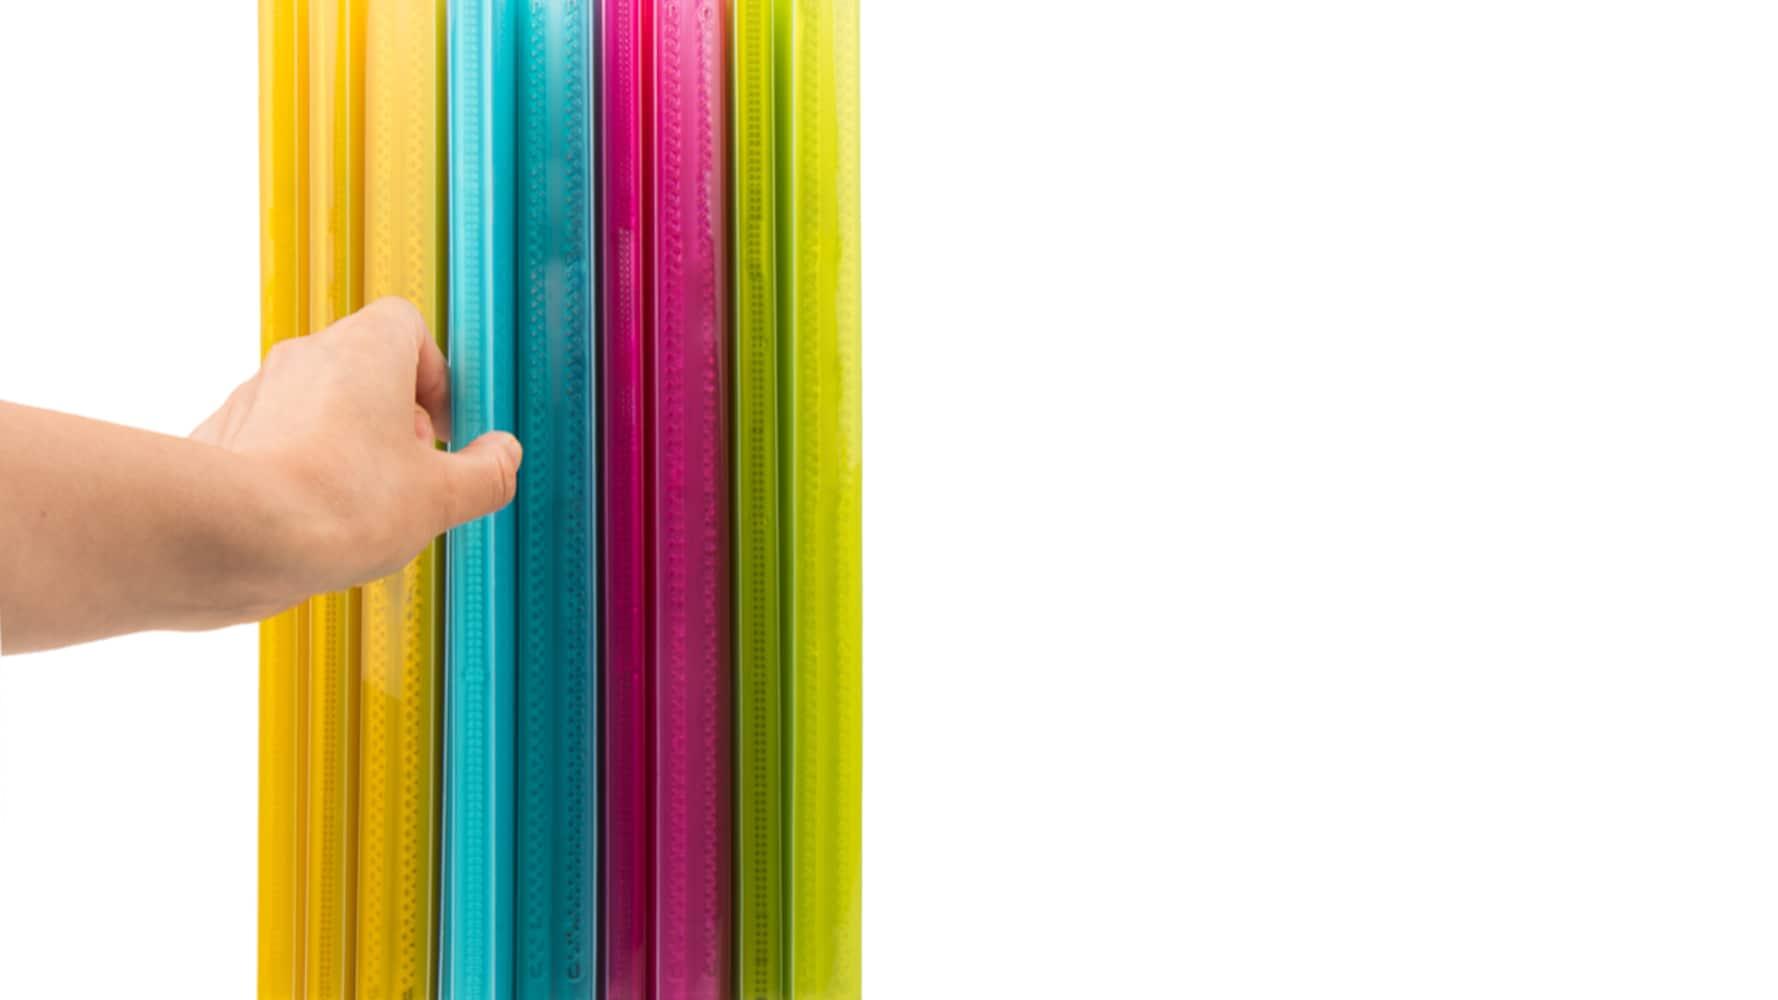 用途2|分類・保管に役立つクリアブックやインデックス付きタイプ